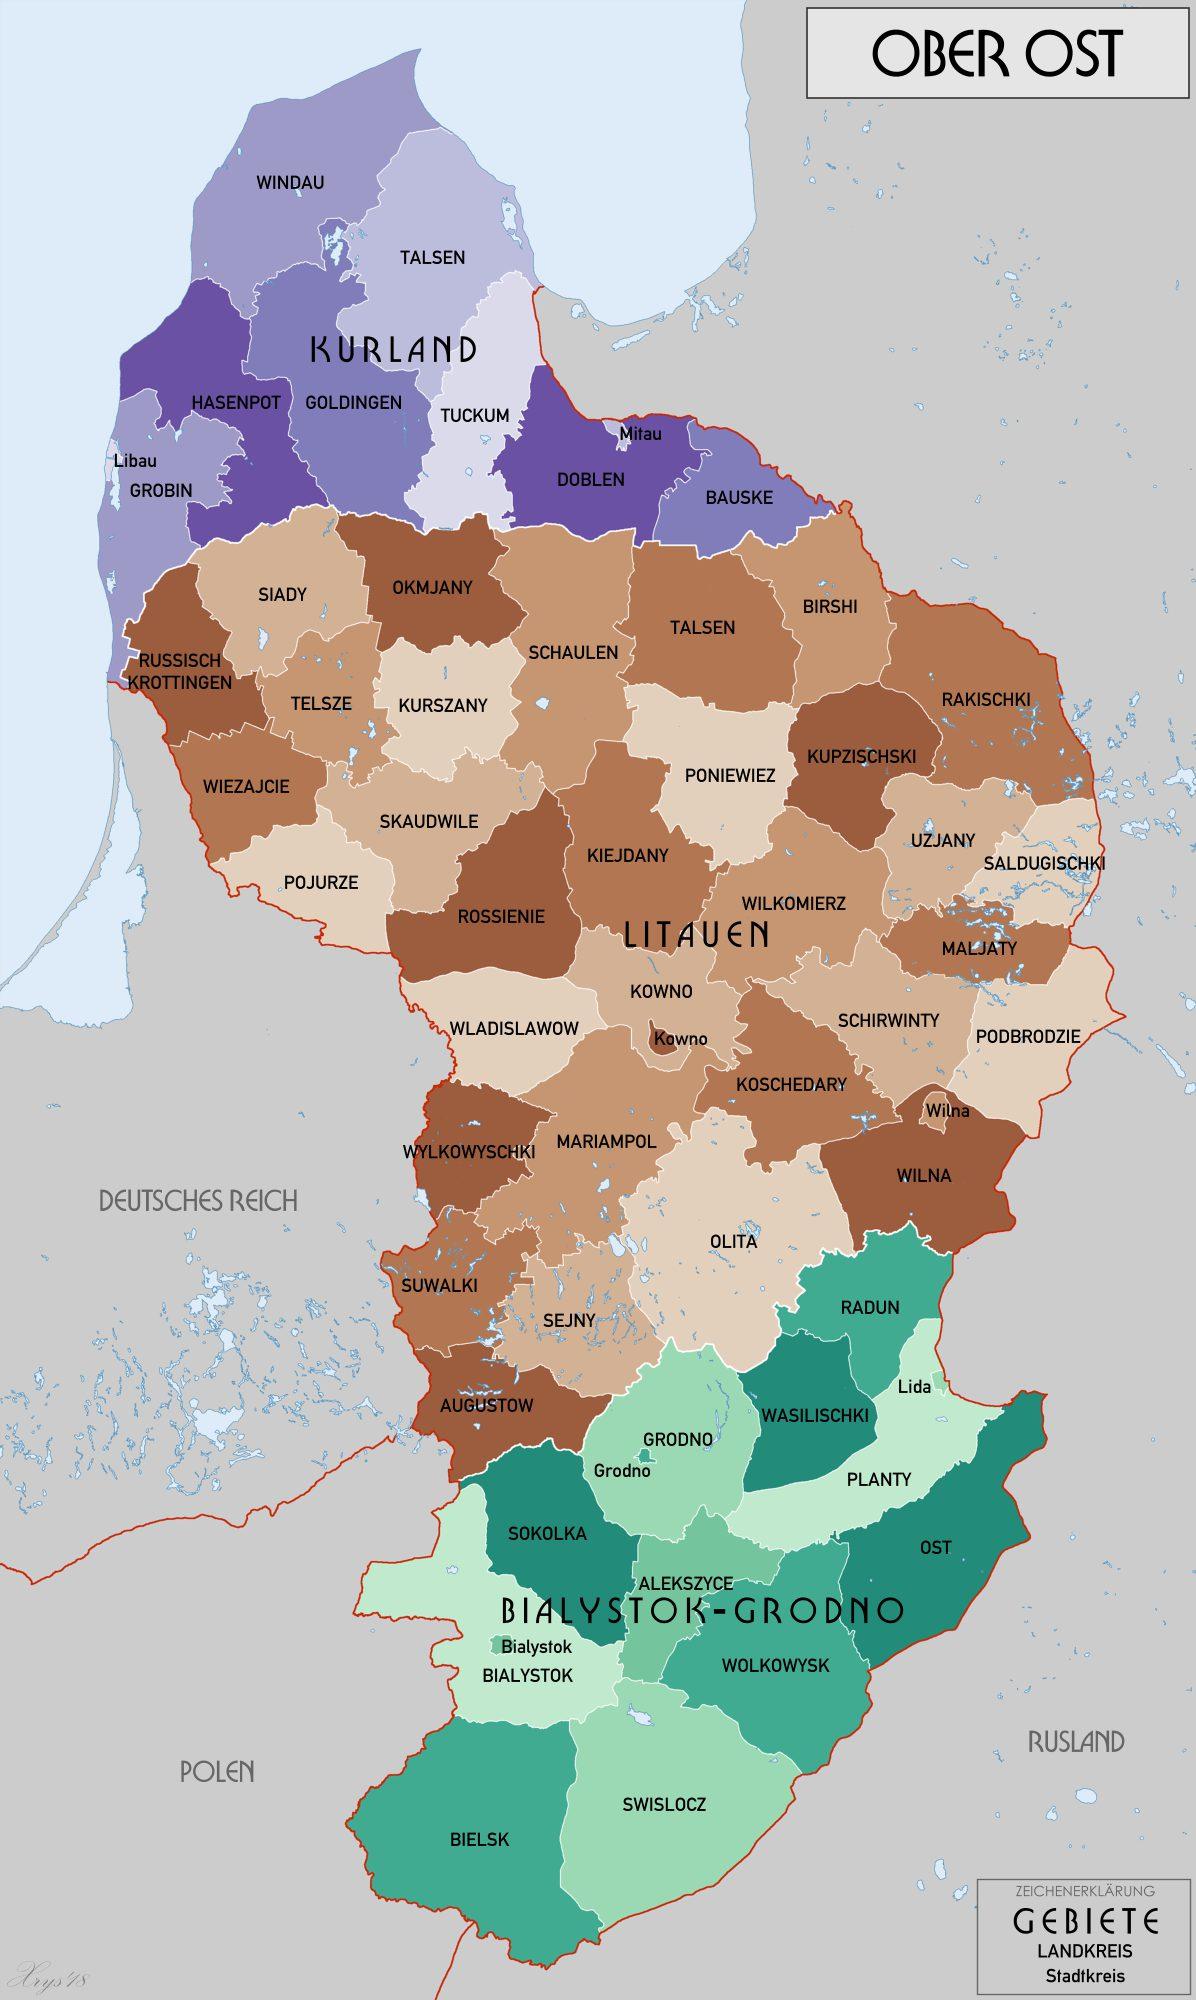 Kaart van Ober Ost